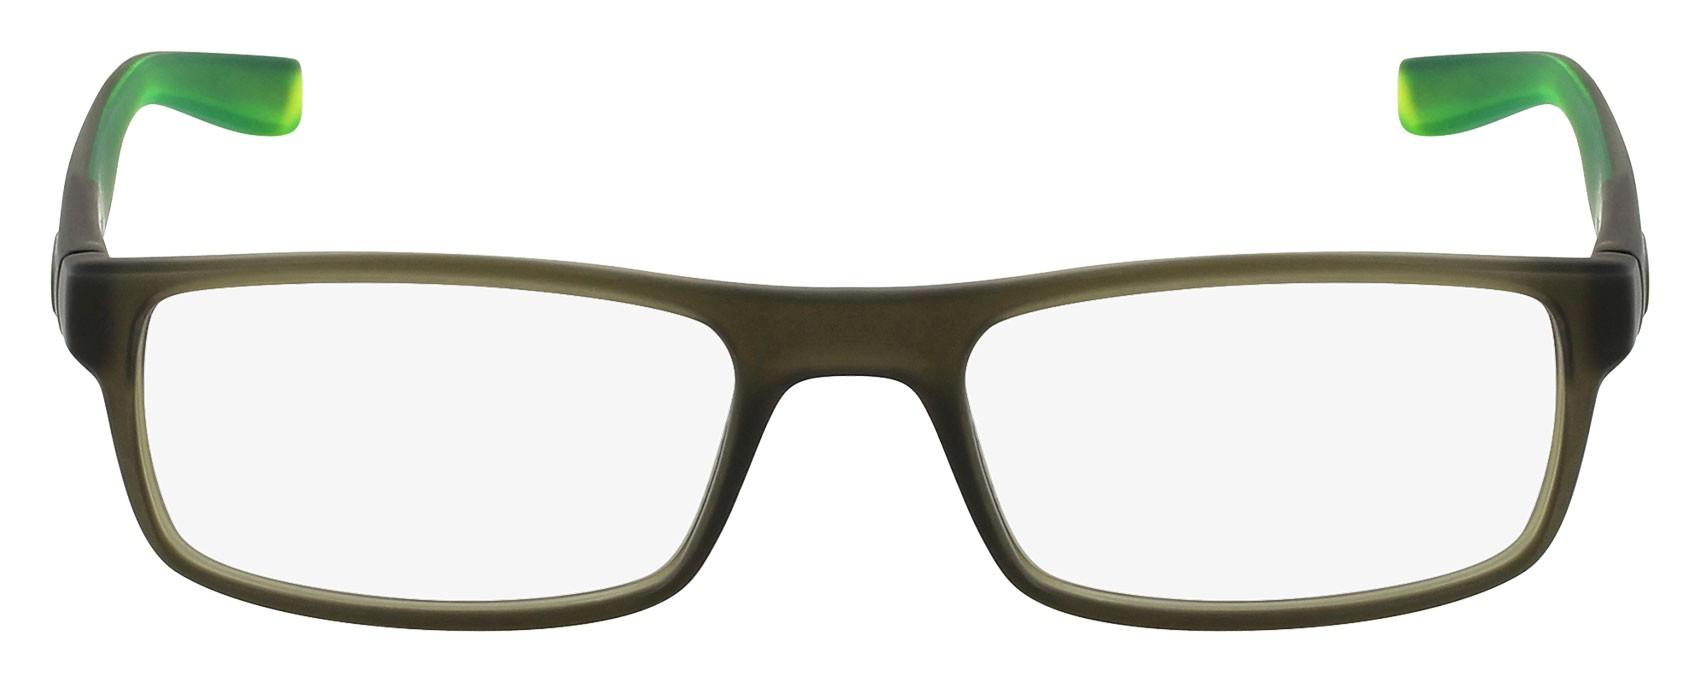 Óculos de grau masculina Nike Verde Original - Comprar Online